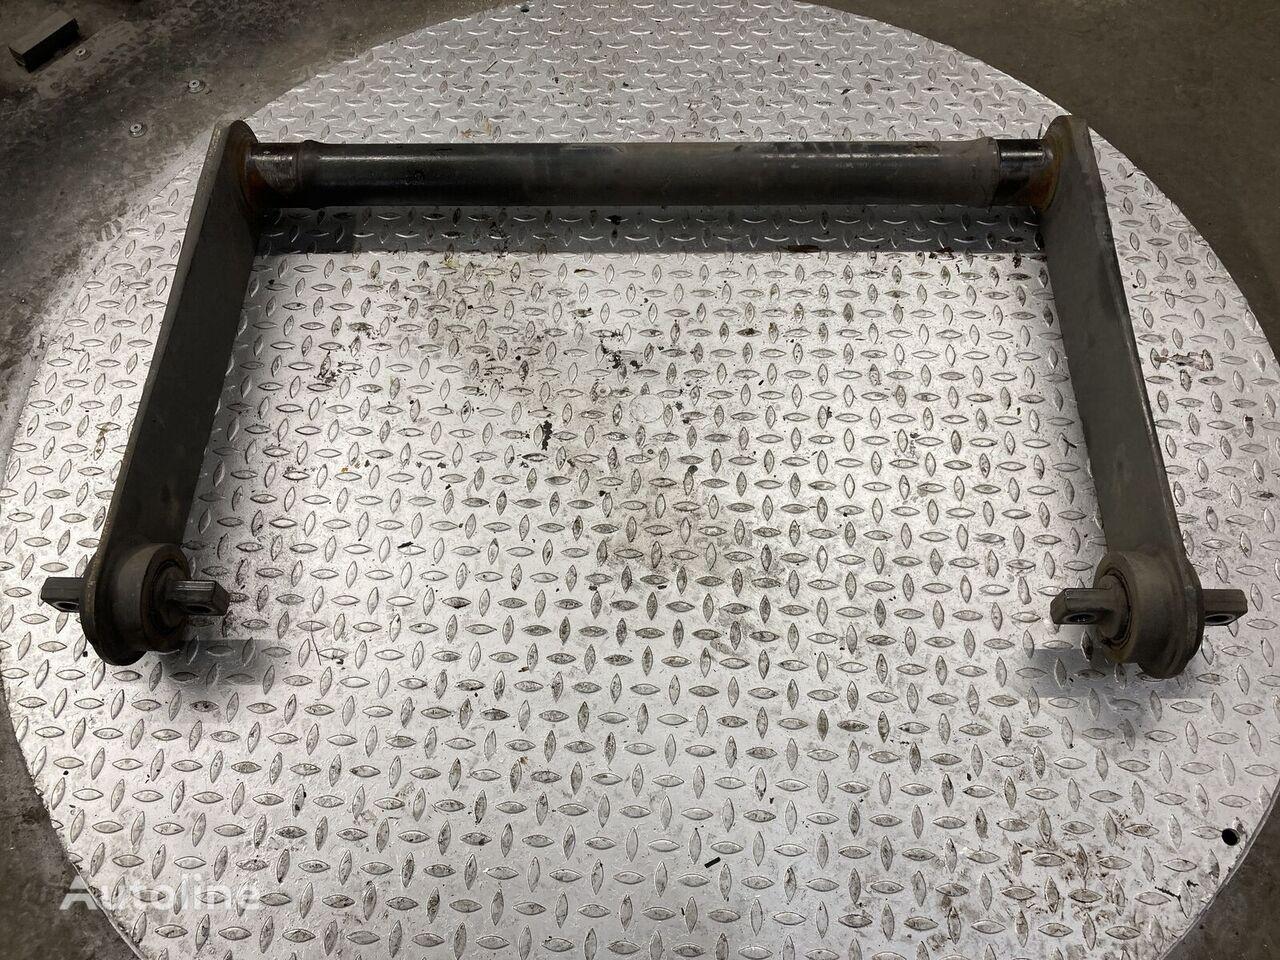 Torsiestaaf achteras spare parts for MERCEDES-BENZ Torsiestaaf achteras truck